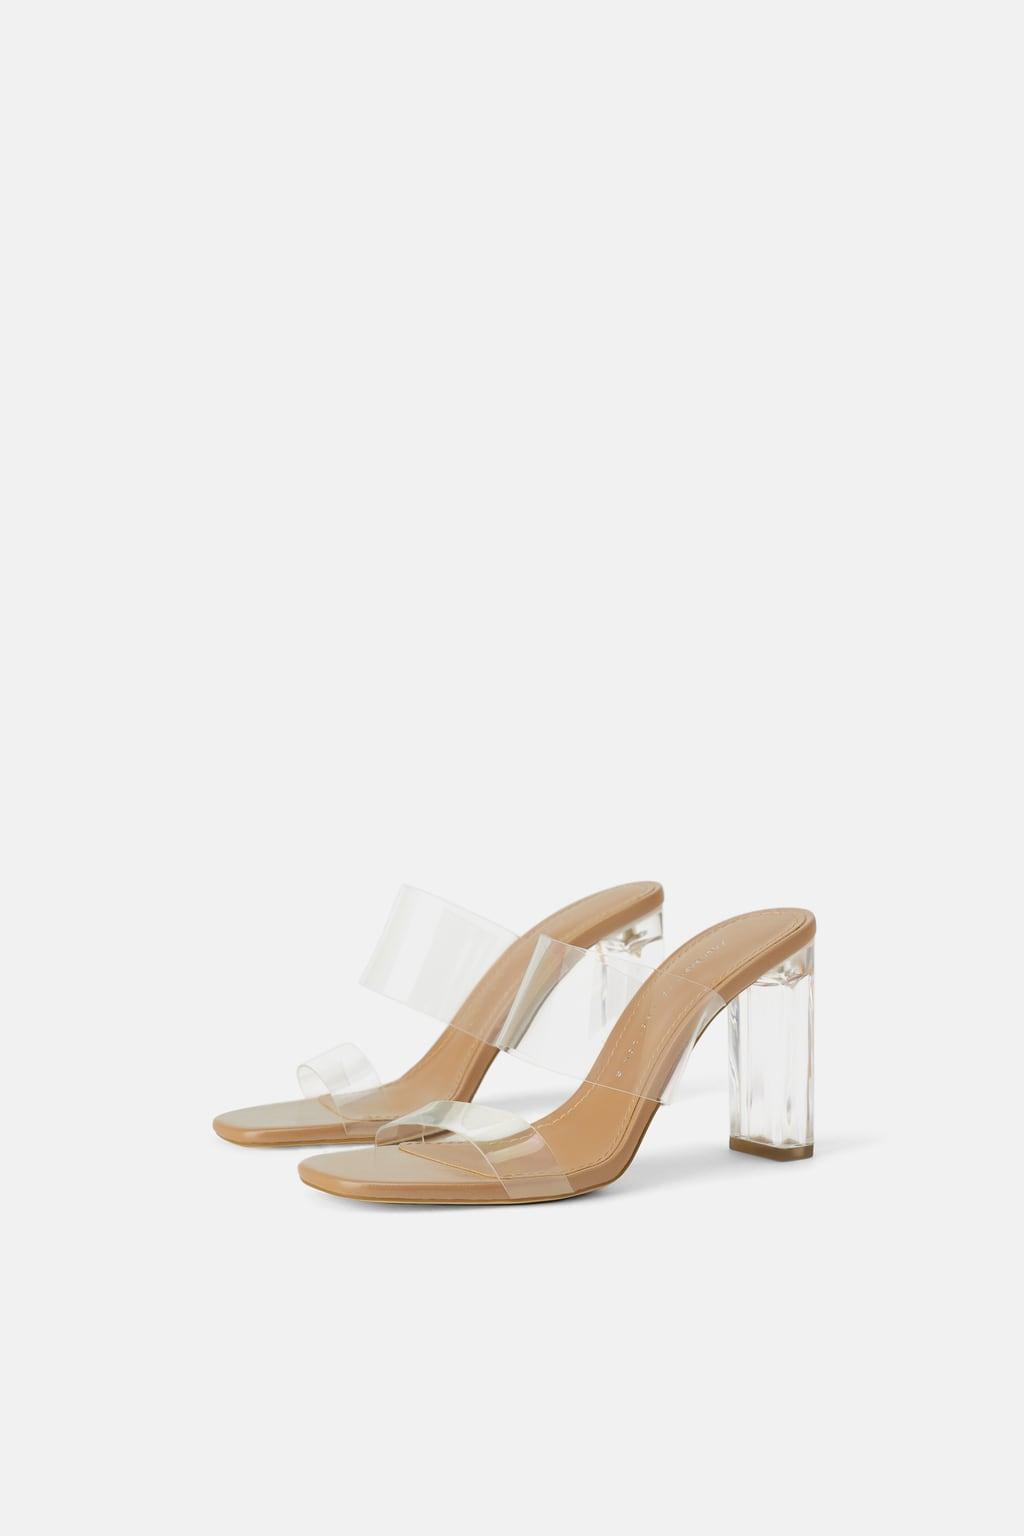 Zara Vinyl Block Heel Sandals.jpg